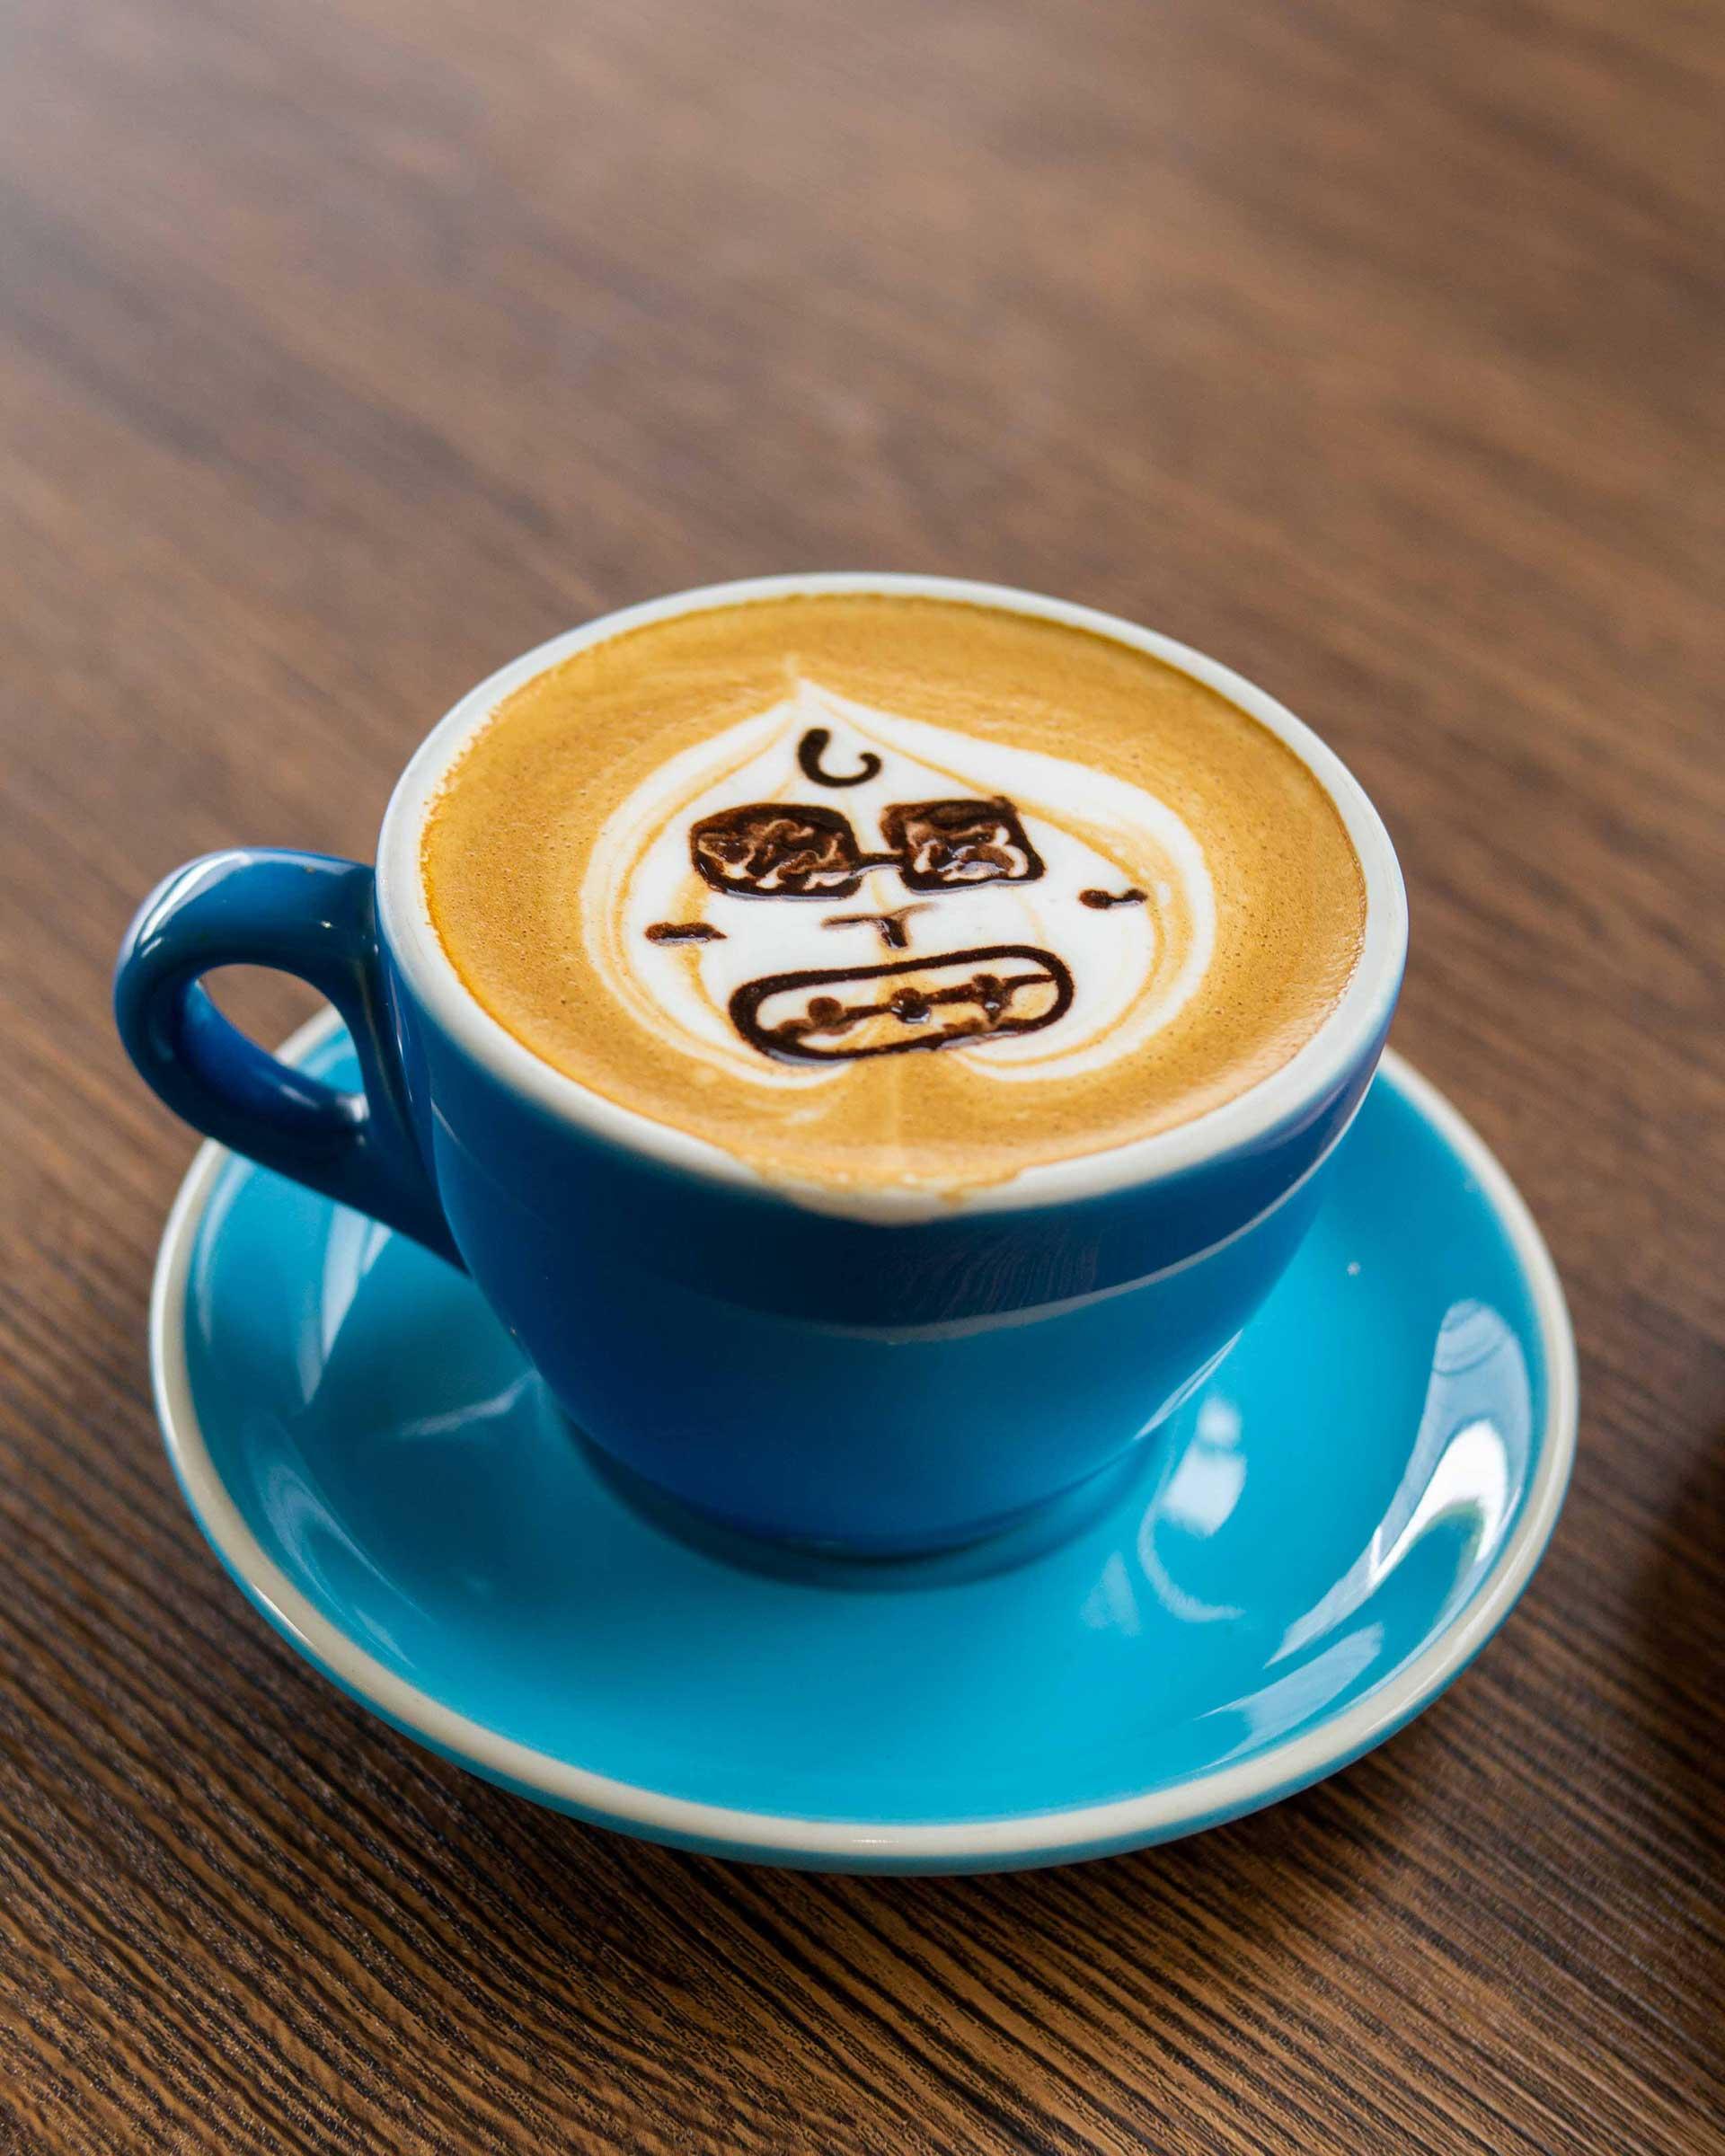 Hot Cafe Latte close up shot